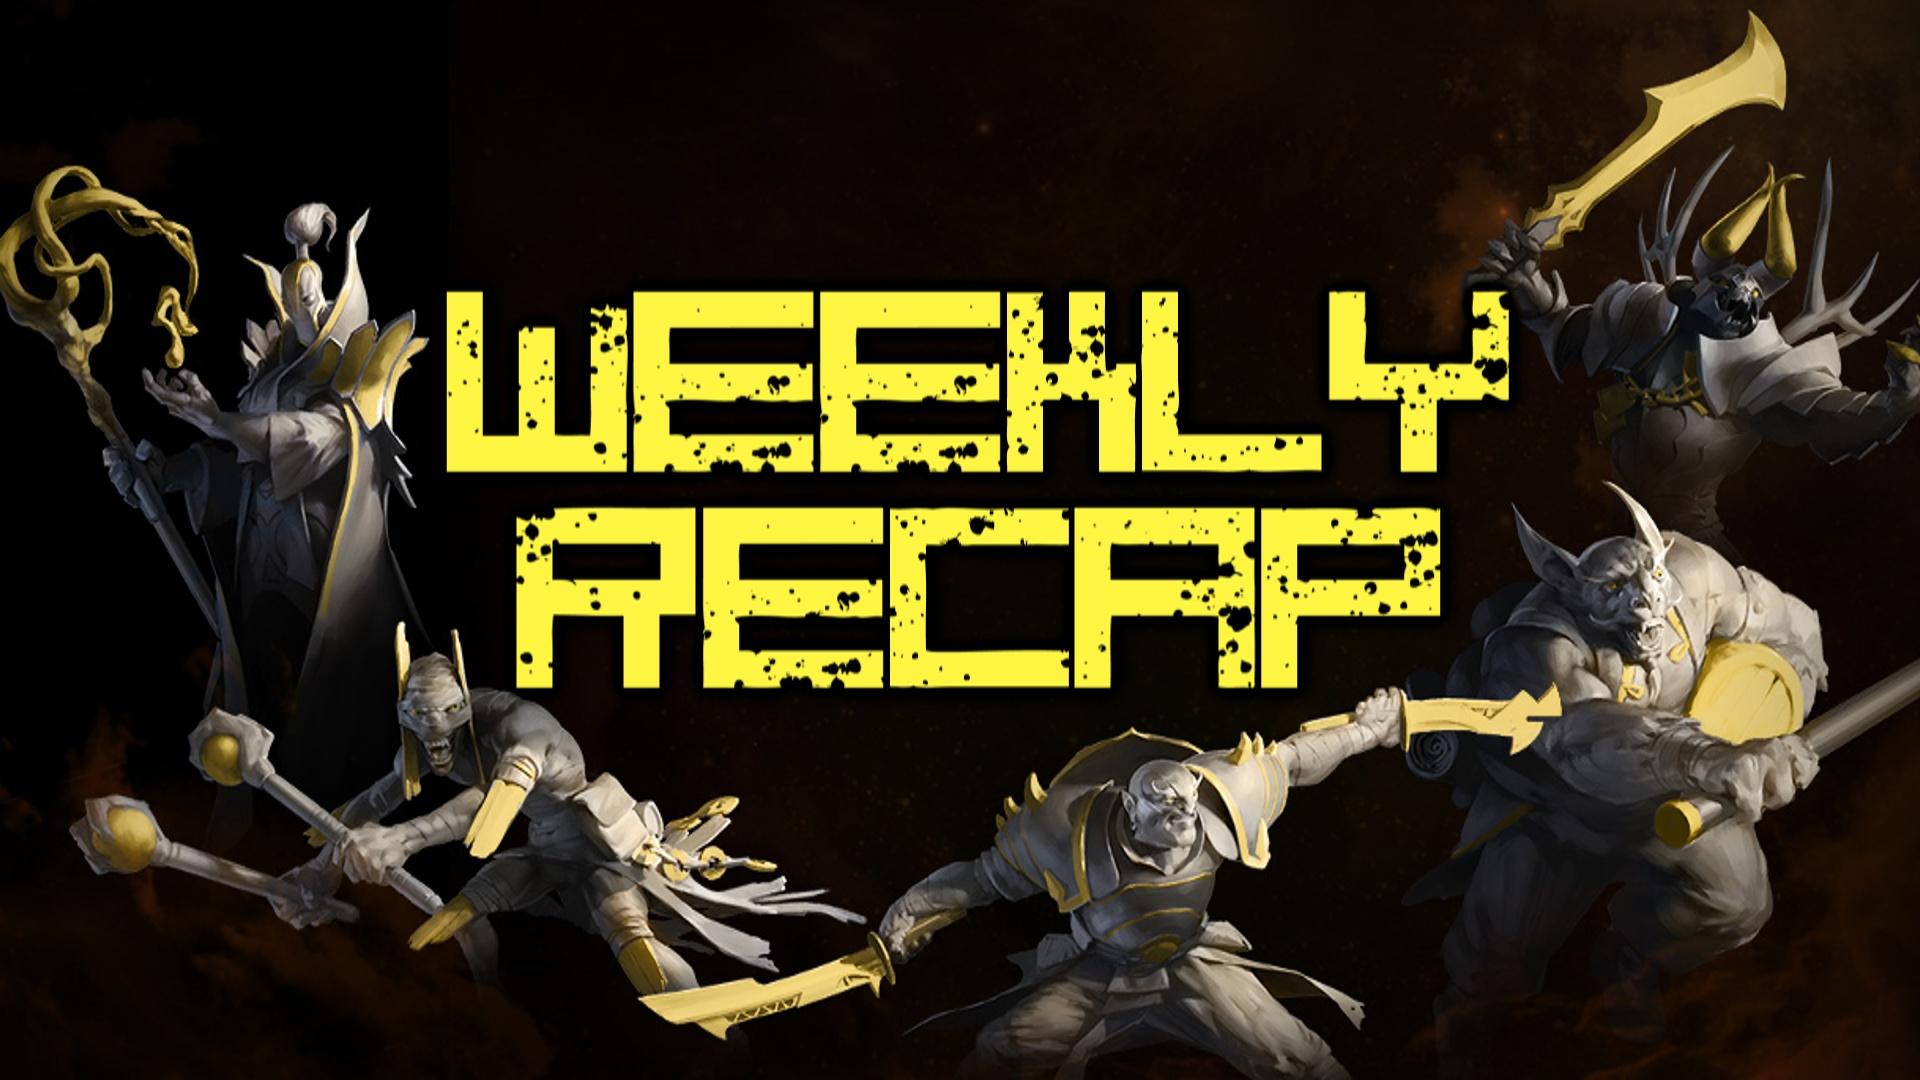 MMOHuts Weekly Recap #251 Aug. 3rd - Dota 2, Paladins, Robocraft & More!